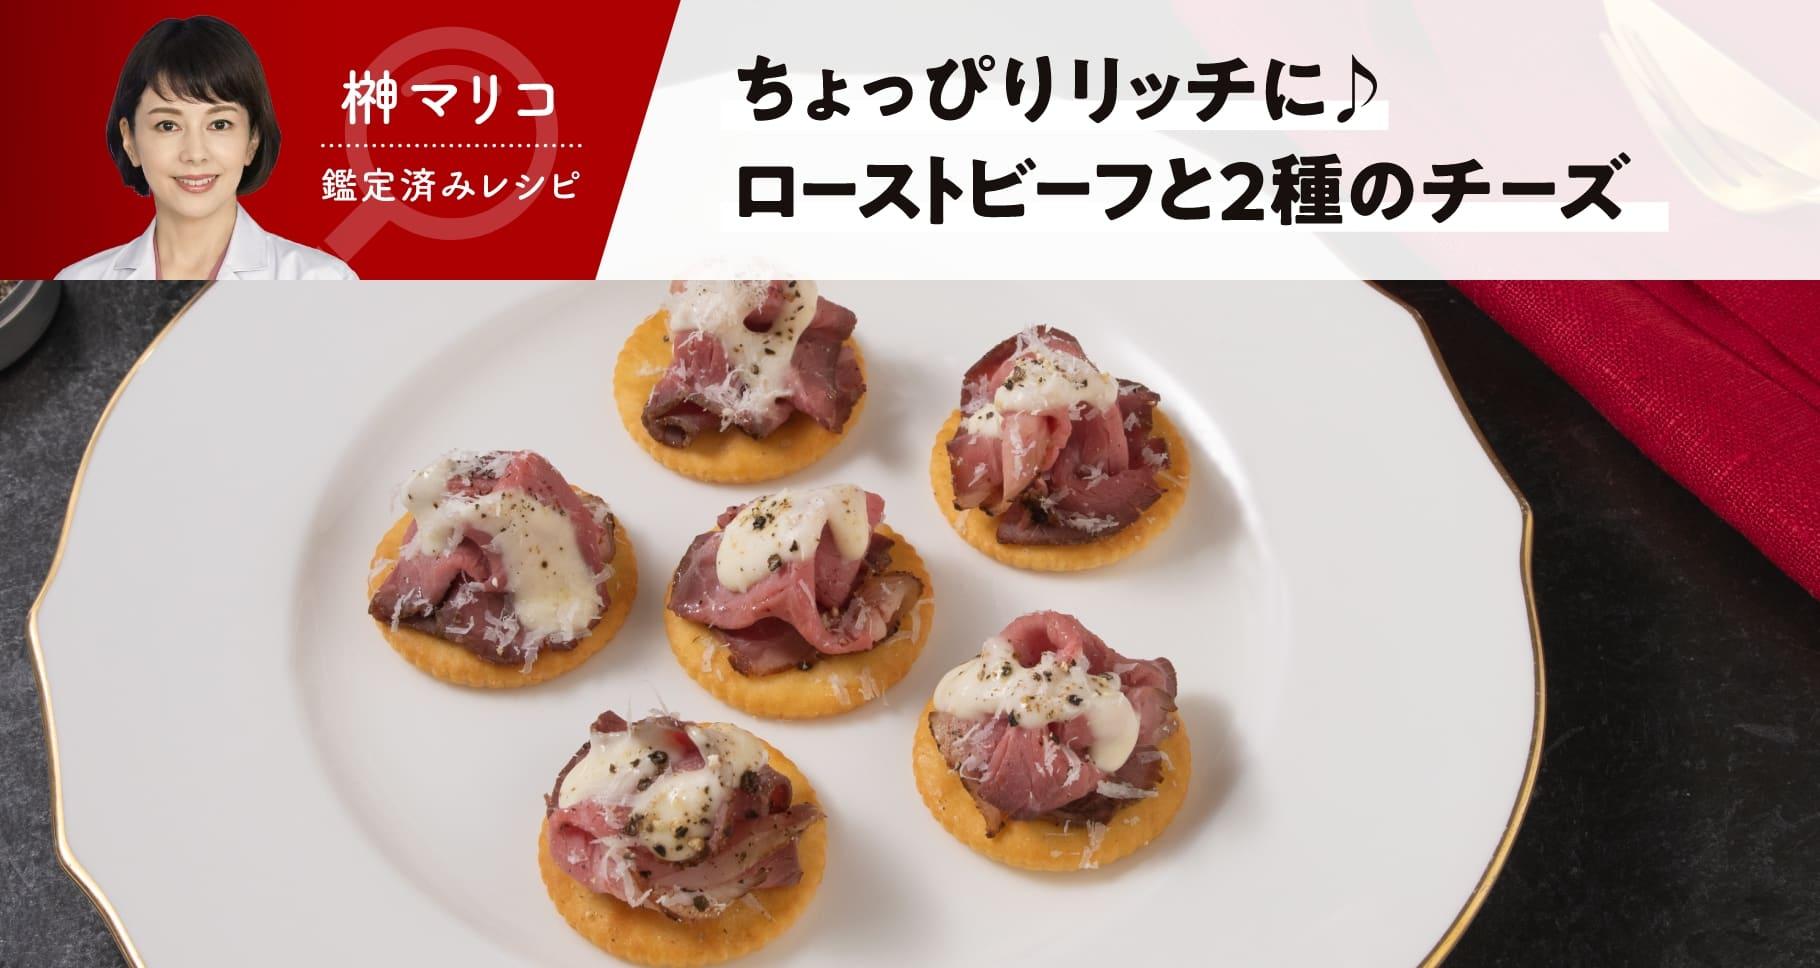 榊マリコ ちょっぴりリッチに ロースとビーフと2種のチーズ